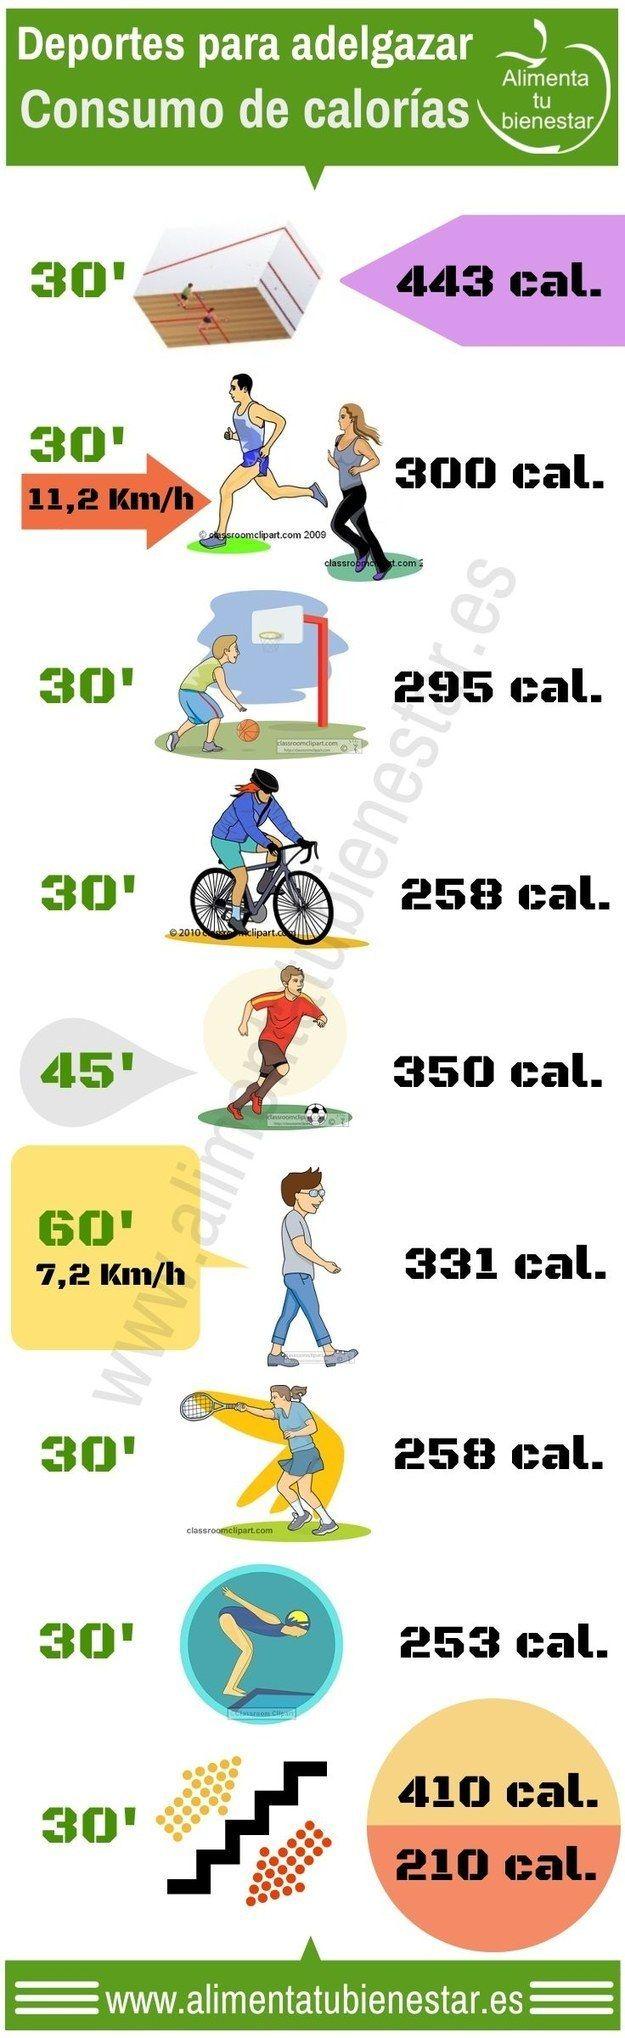 He aquí una guía que muestra cuántas calorías puedes quemar con ciertos ejercicios.   17 Guías visuales de ejercicio que te motivarán a ponerte en forma